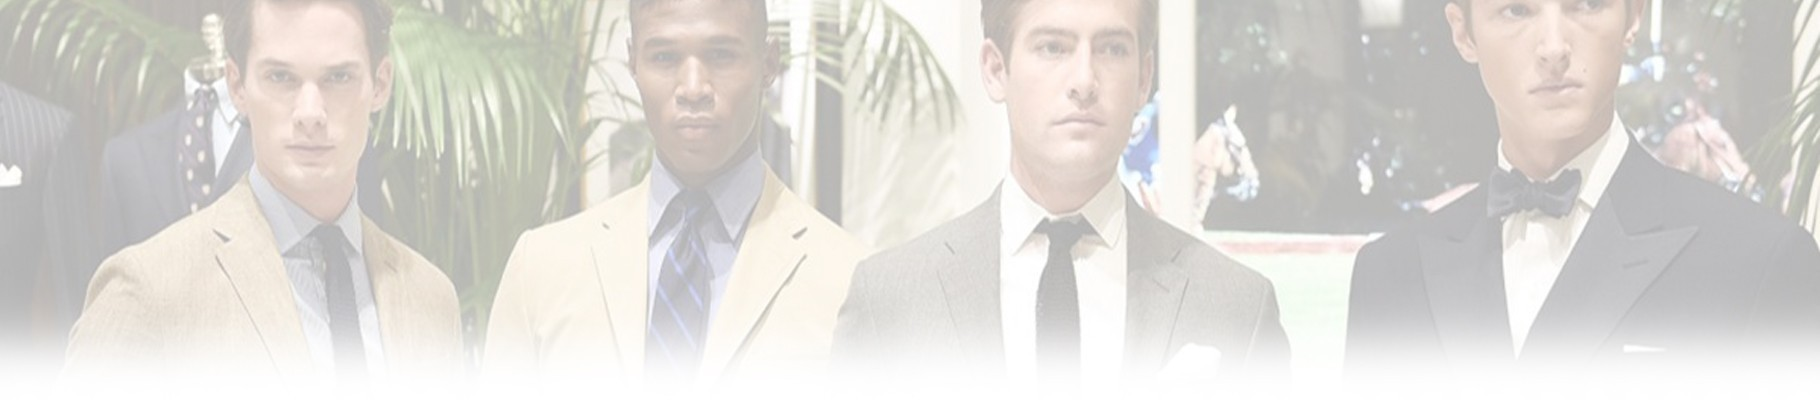 Giacche uomo firmate dai più famosi marchi d'abbigliamento maschile.